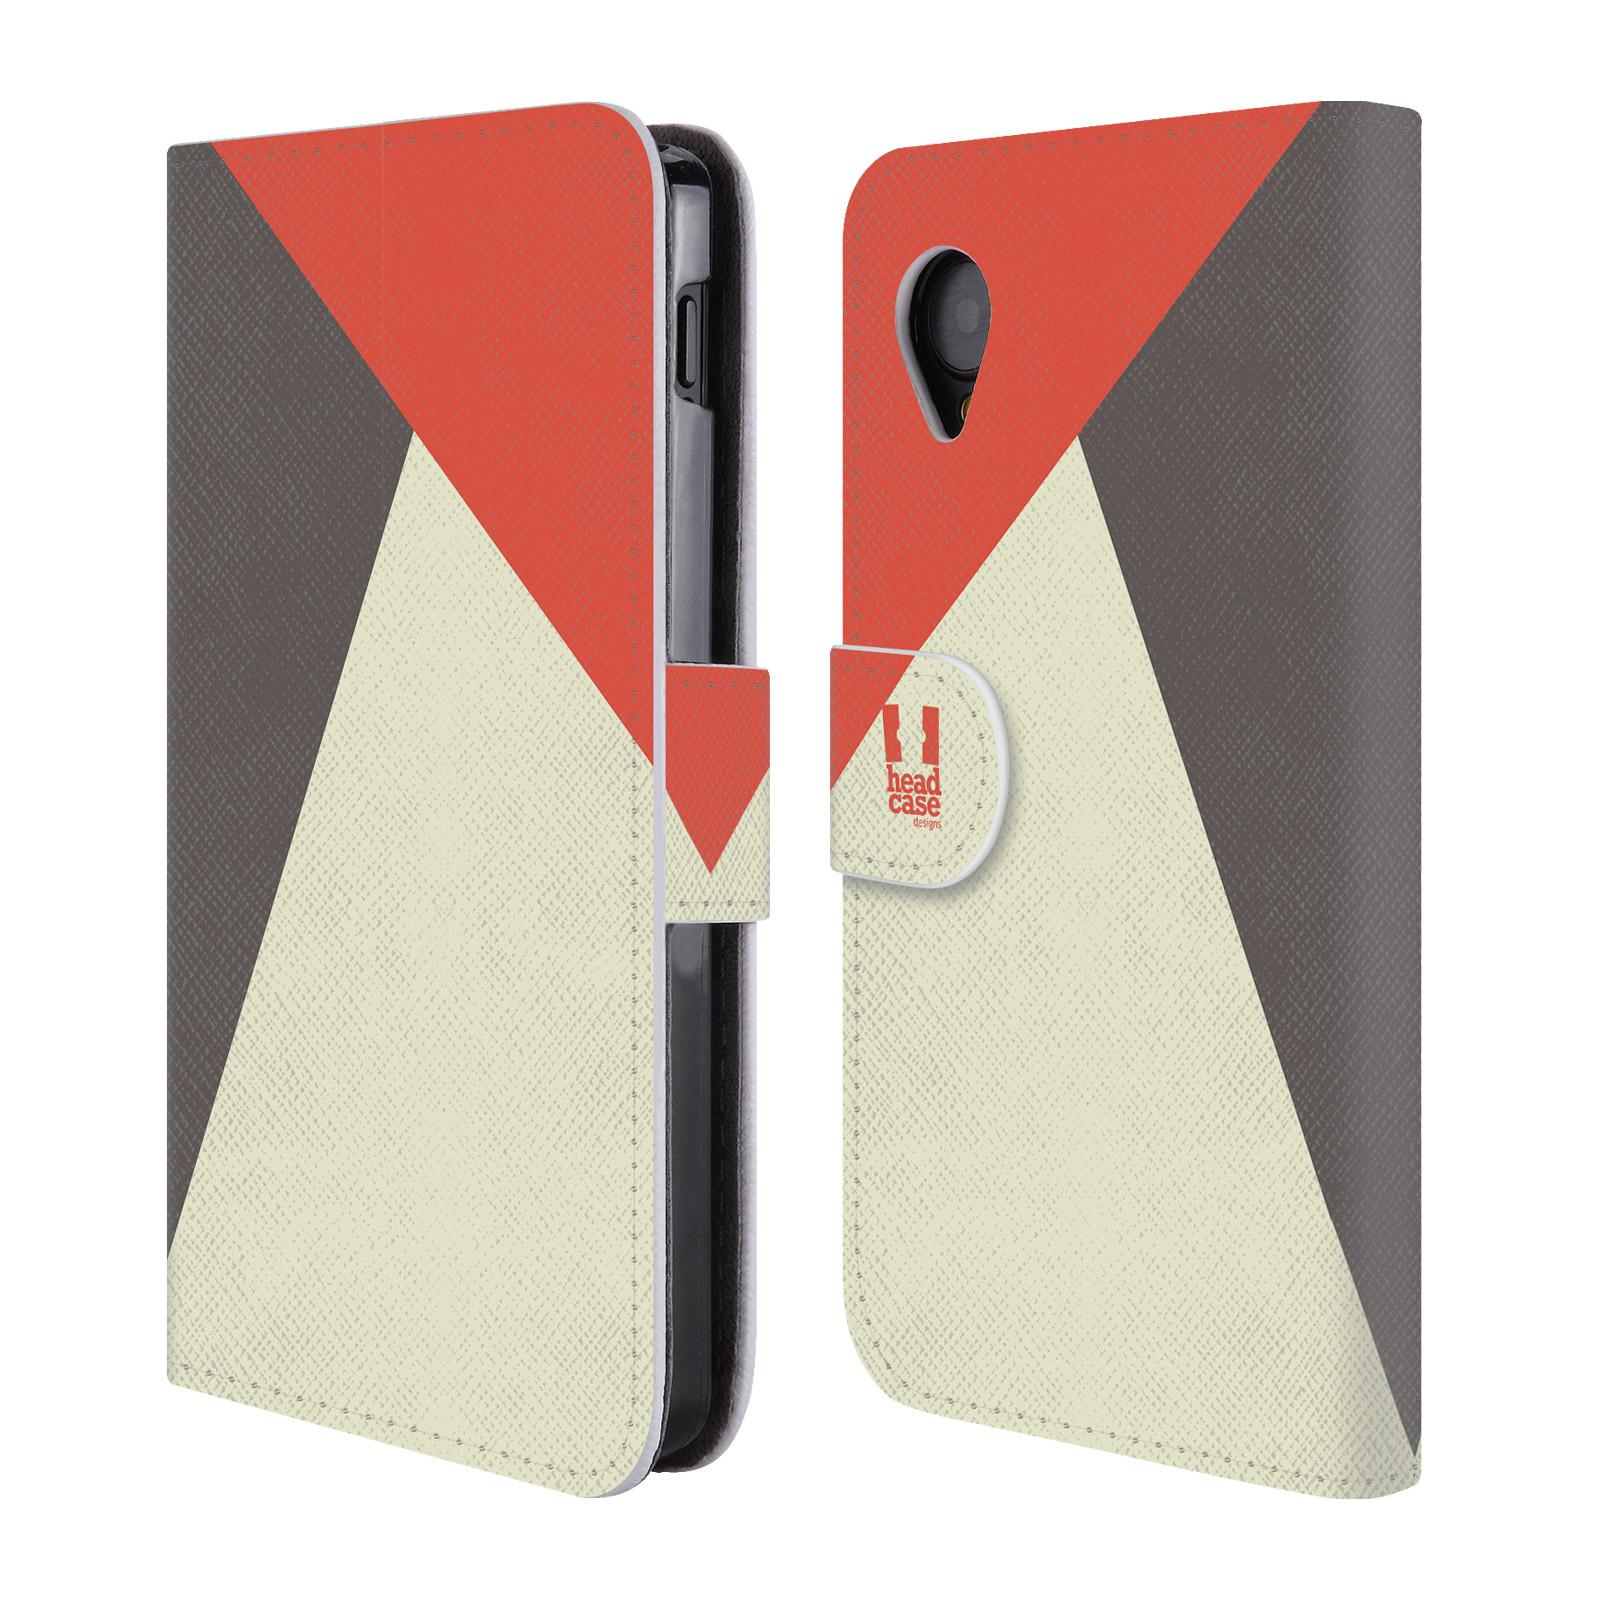 HEAD CASE Flipové pouzdro pro mobil LG GOOGLE NEXUS 5 barevné tvary červená a šedá COOL